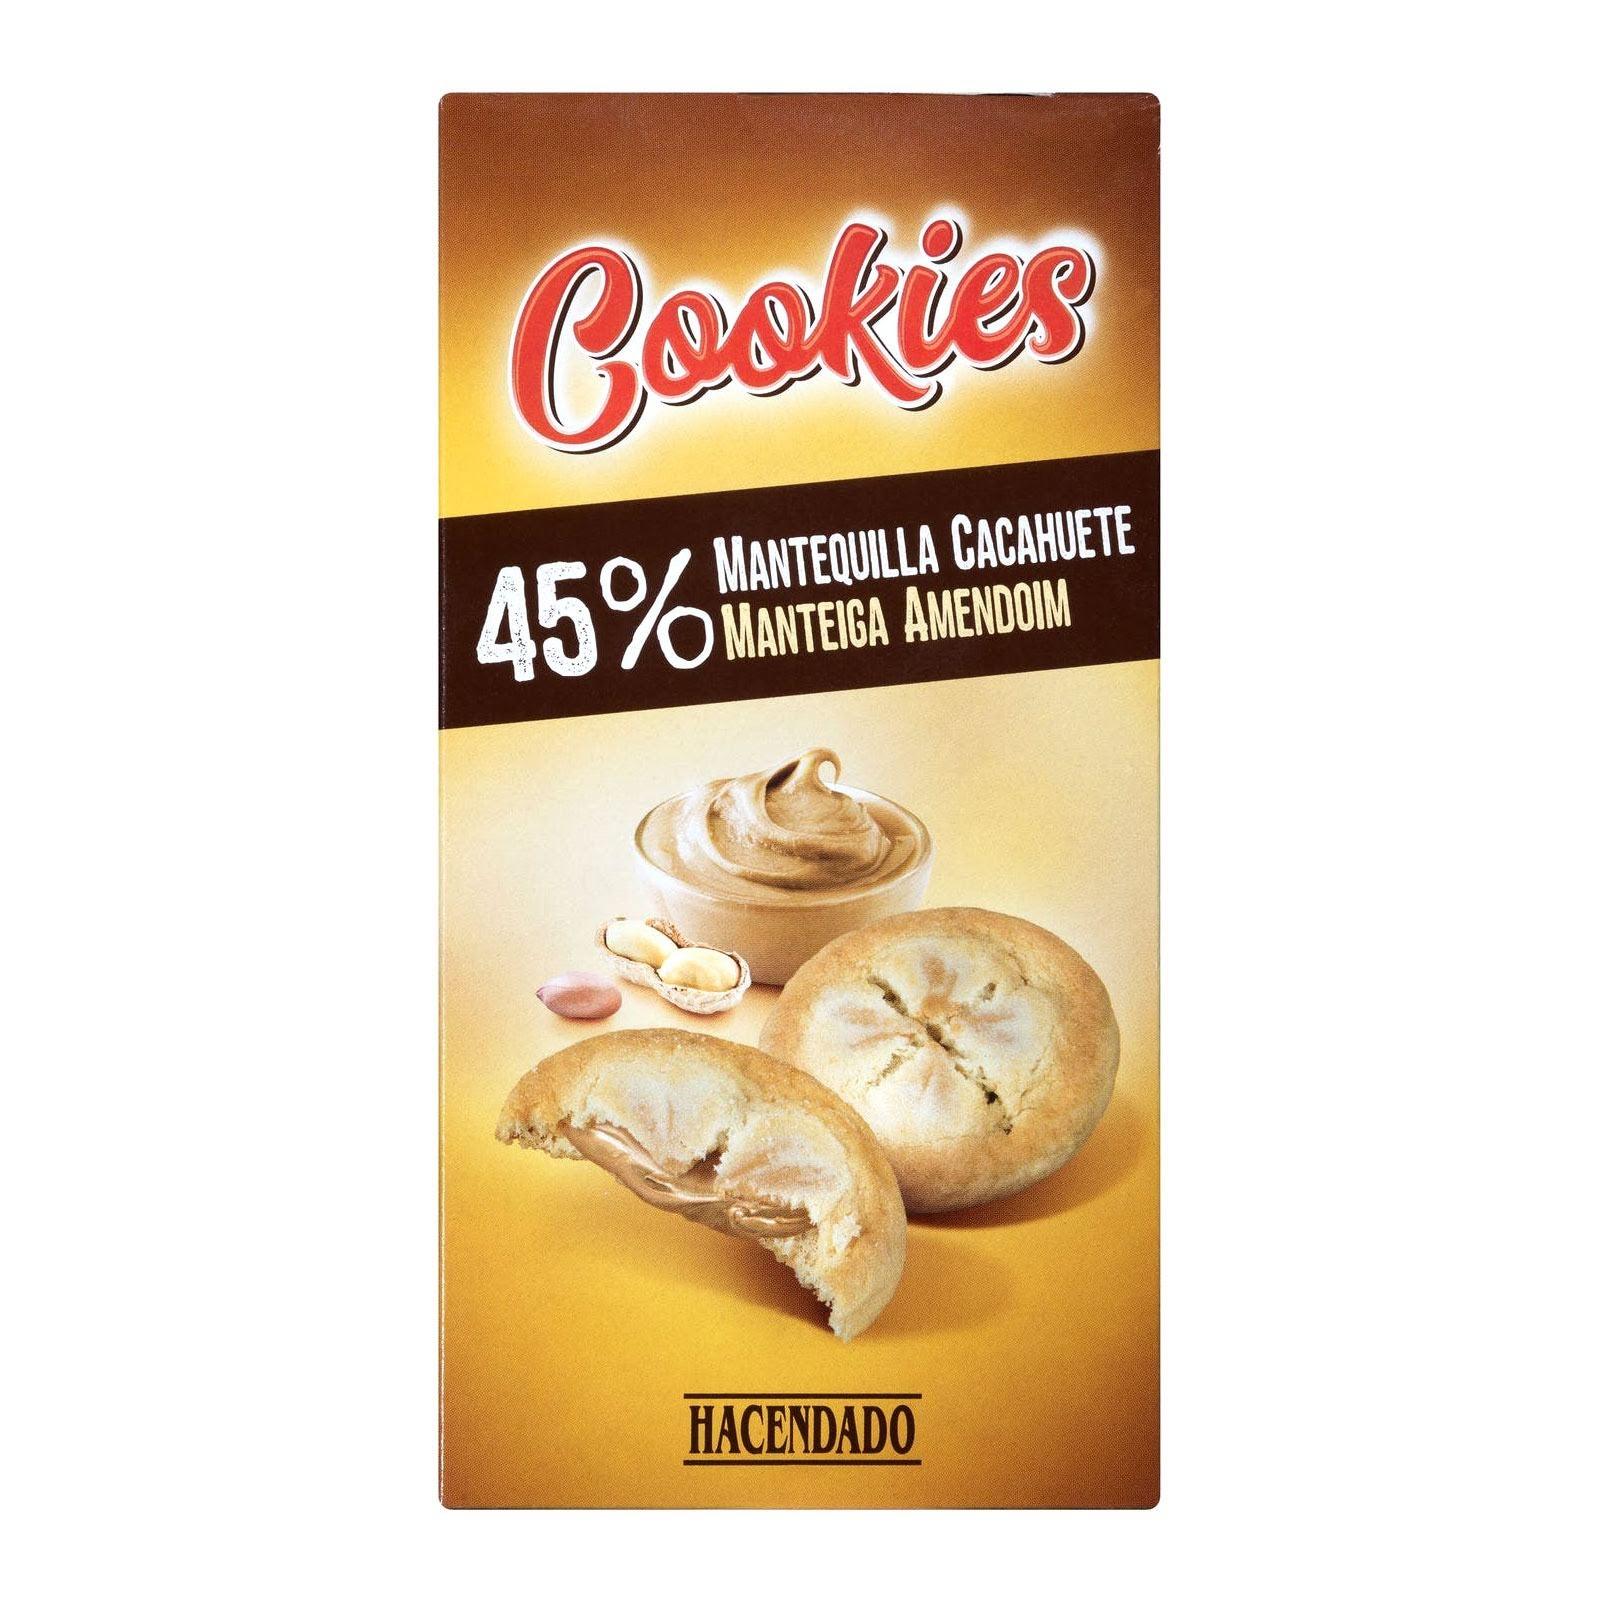 Cookies rellenas de mantequilla de cacahuete Hacendado